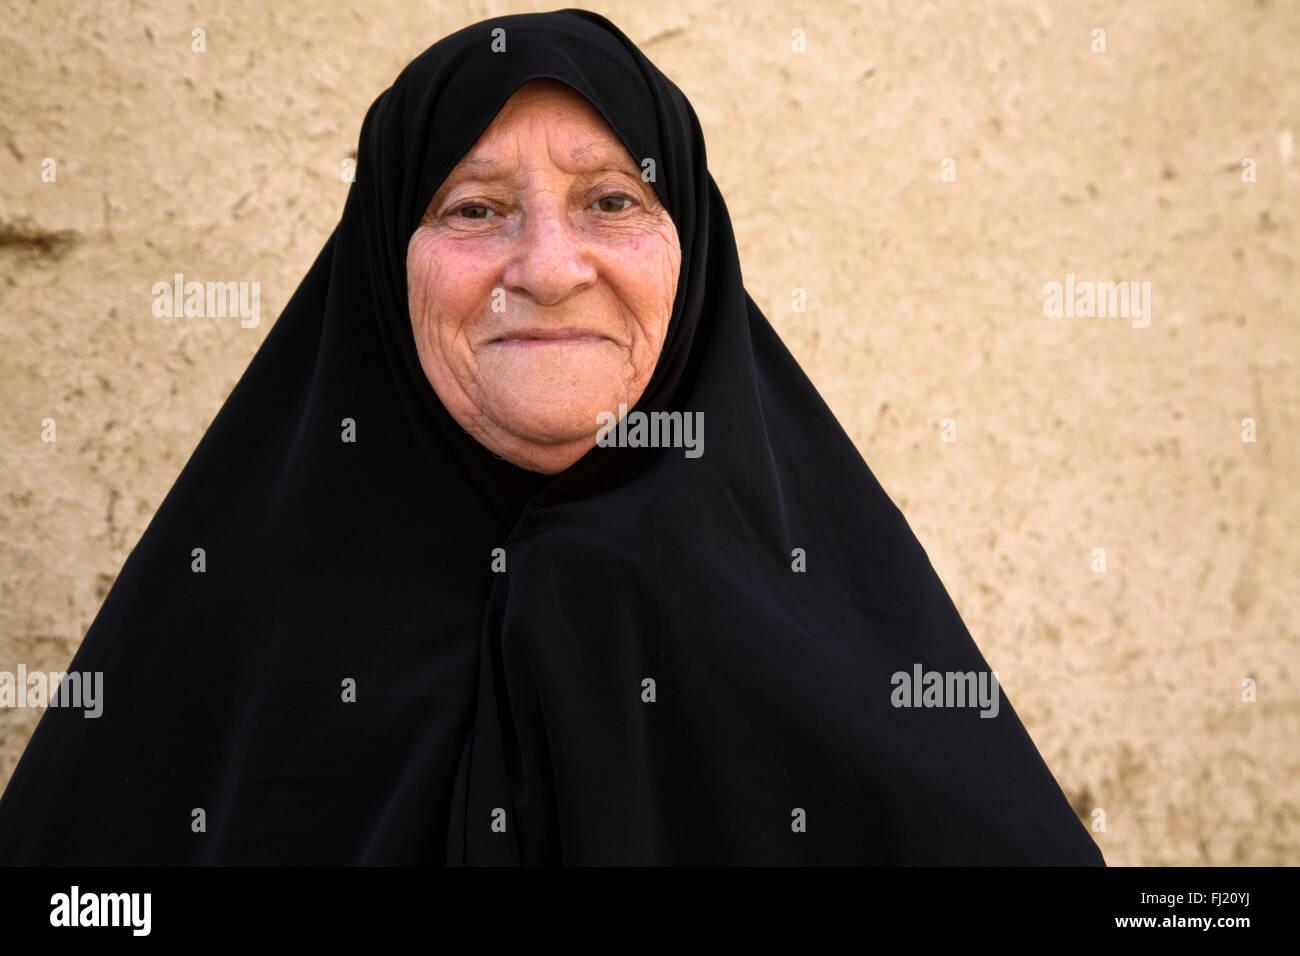 Retrato de mujer iraní antiguo cubierto con velo negro tradicional velo islámico en Yazd, Irán Imagen De Stock